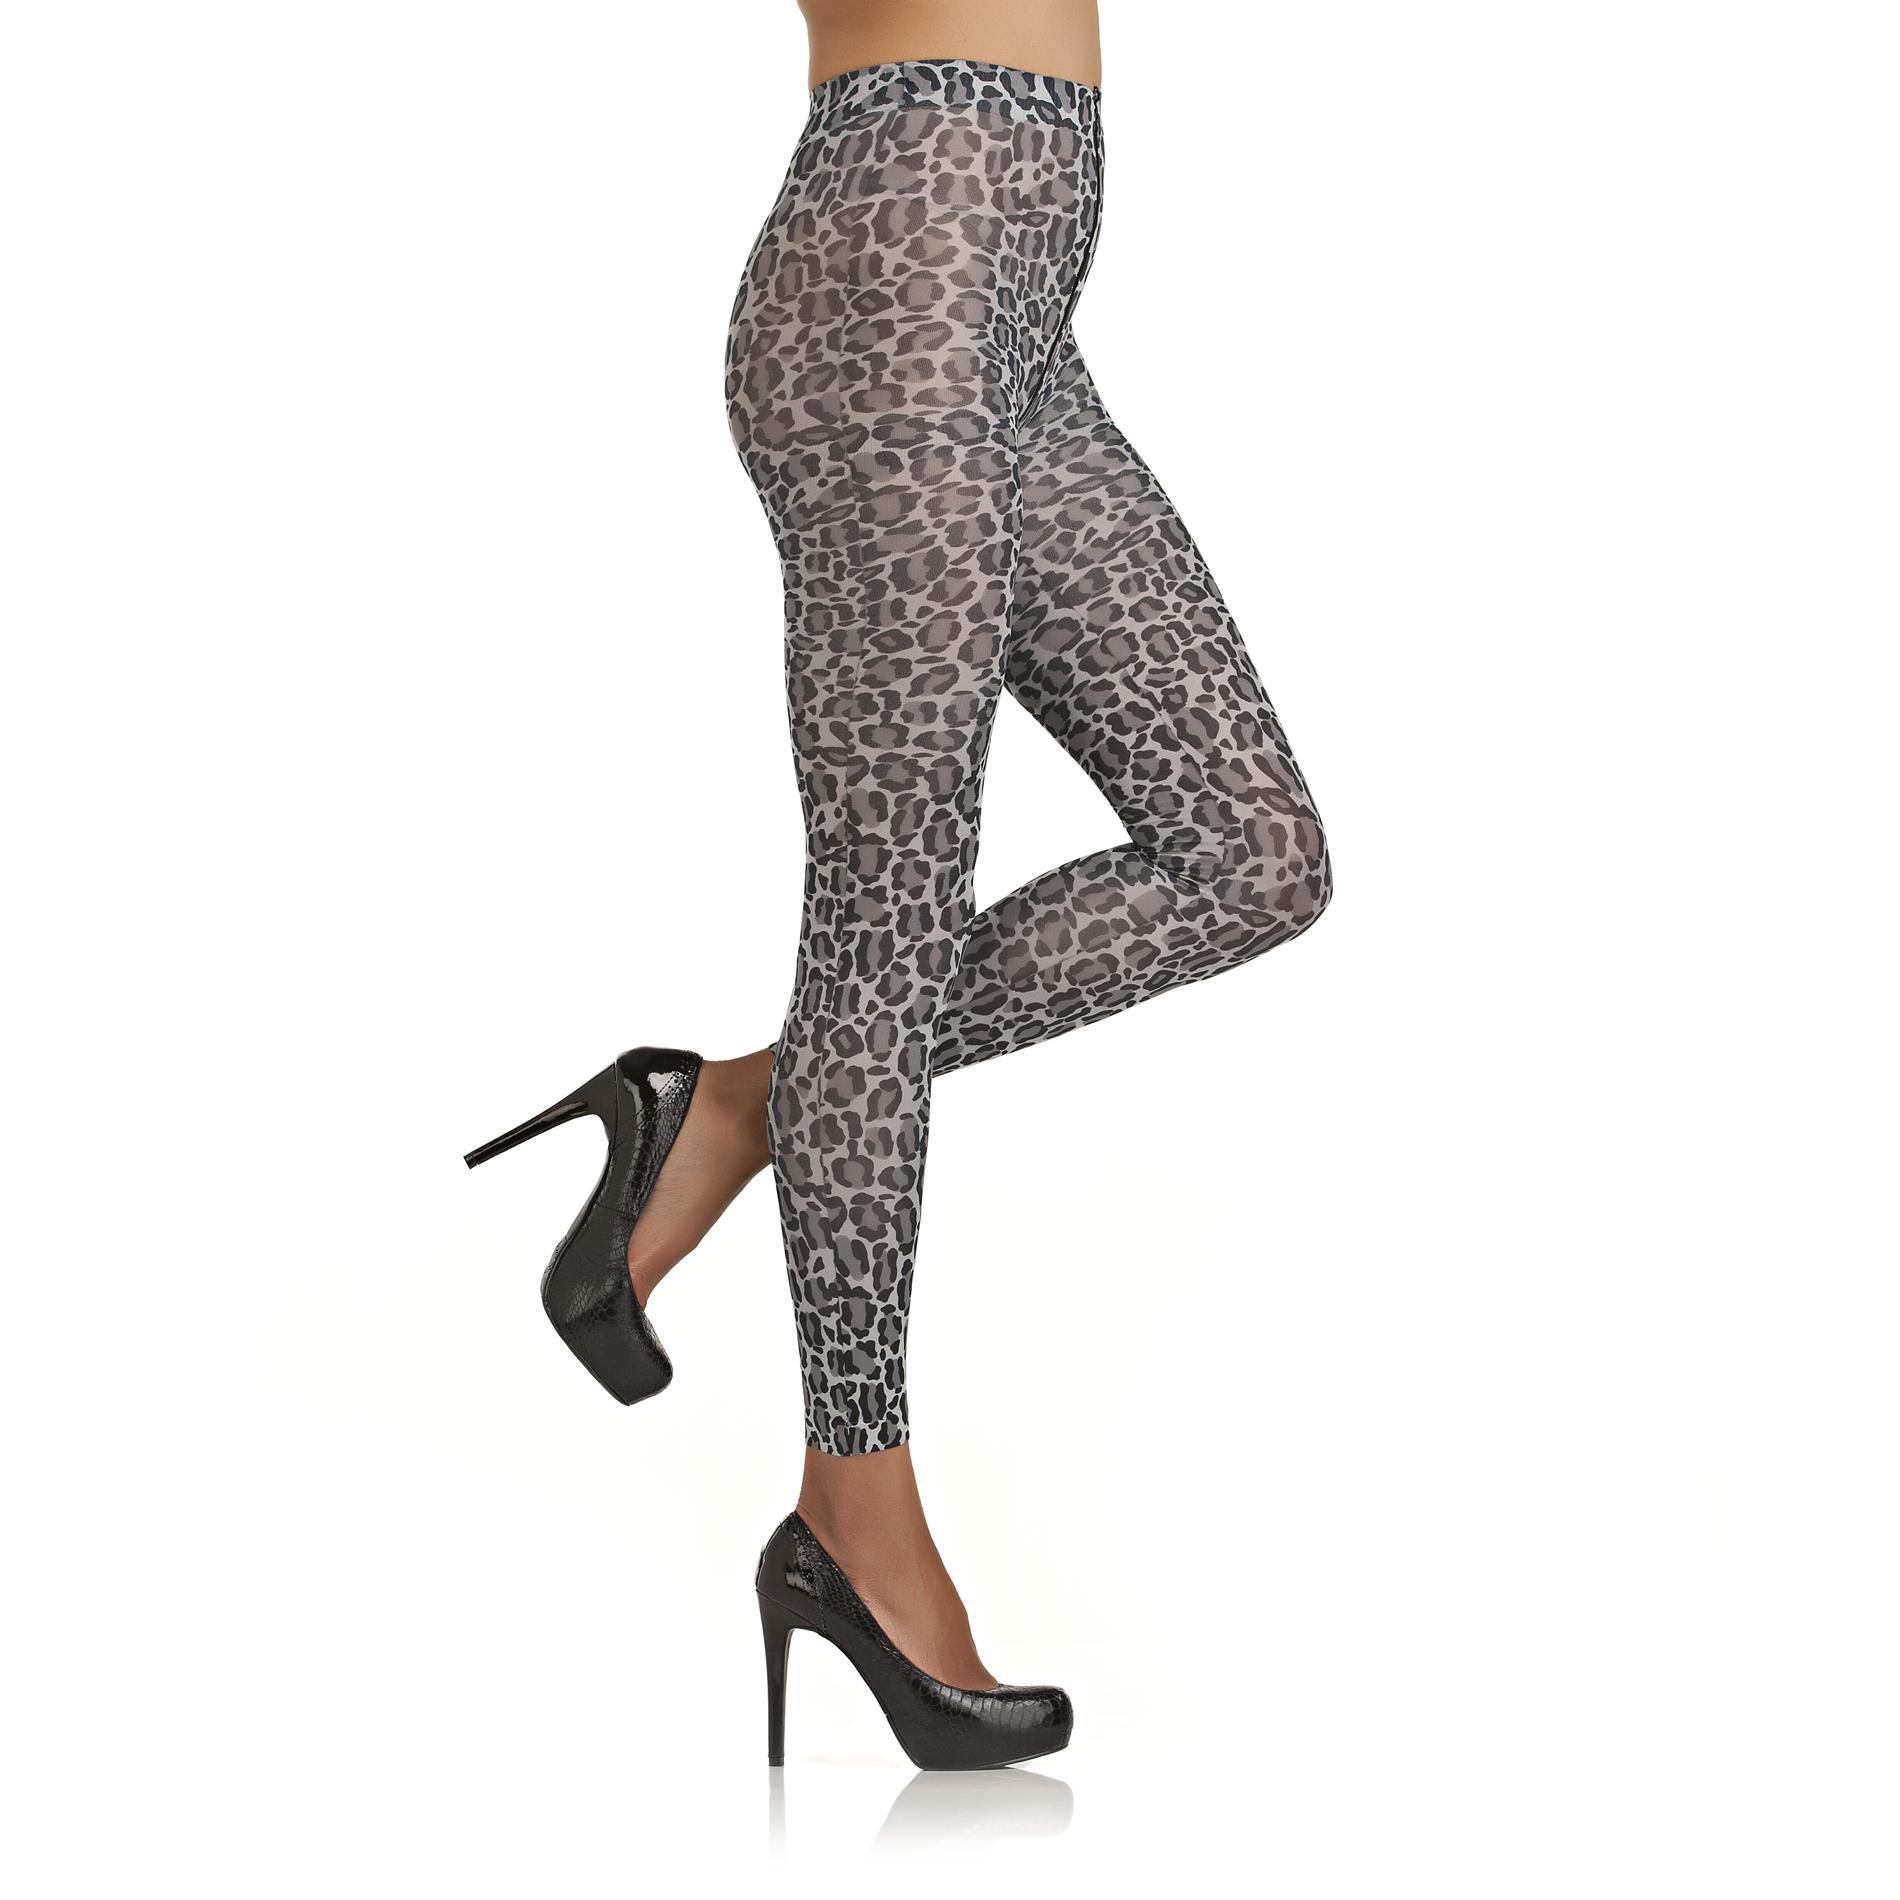 Kardashian Kollection Women's Wild Animal Leggings - Clothing - Women's - Leggings